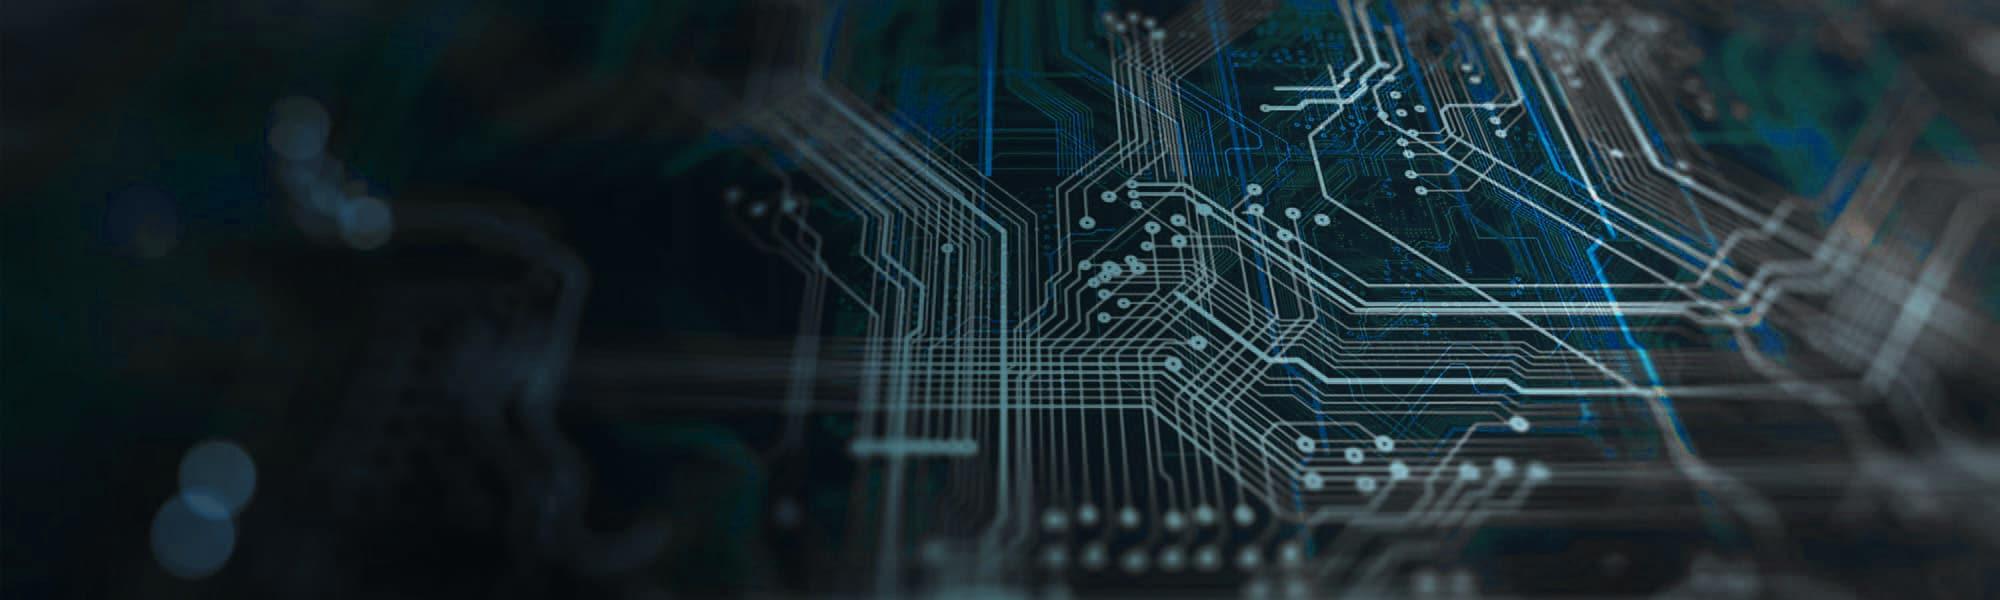 Ibm Automation Platform For Digital Business